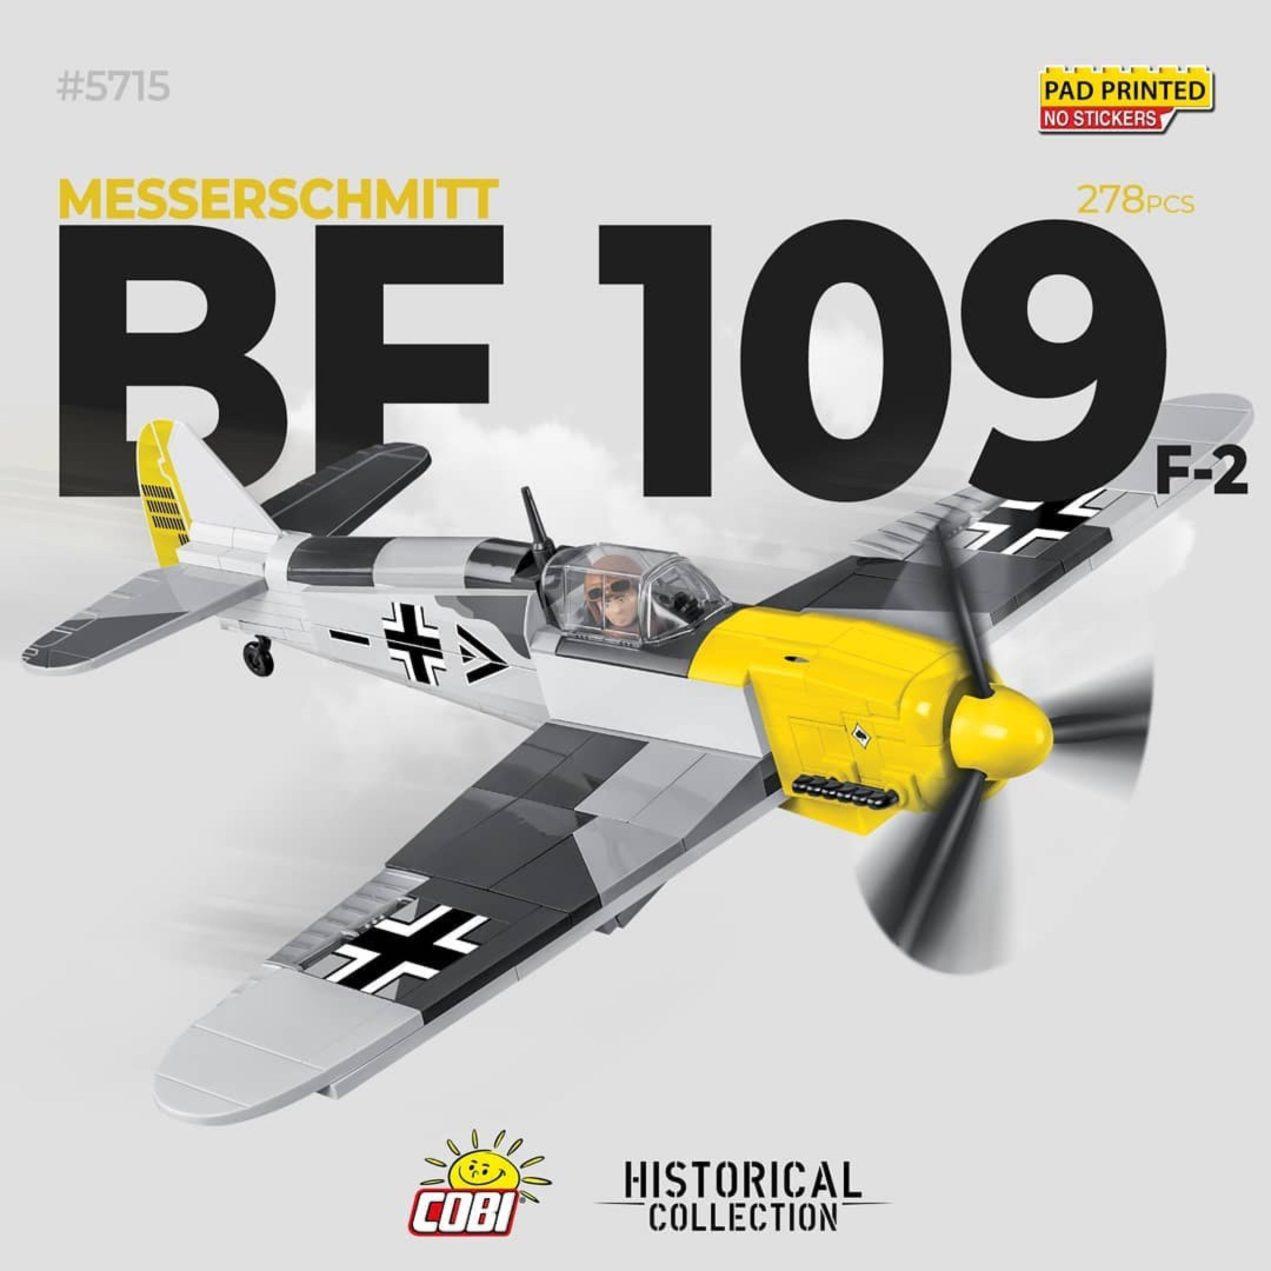 Cobi BF 109 F2 Brick Set